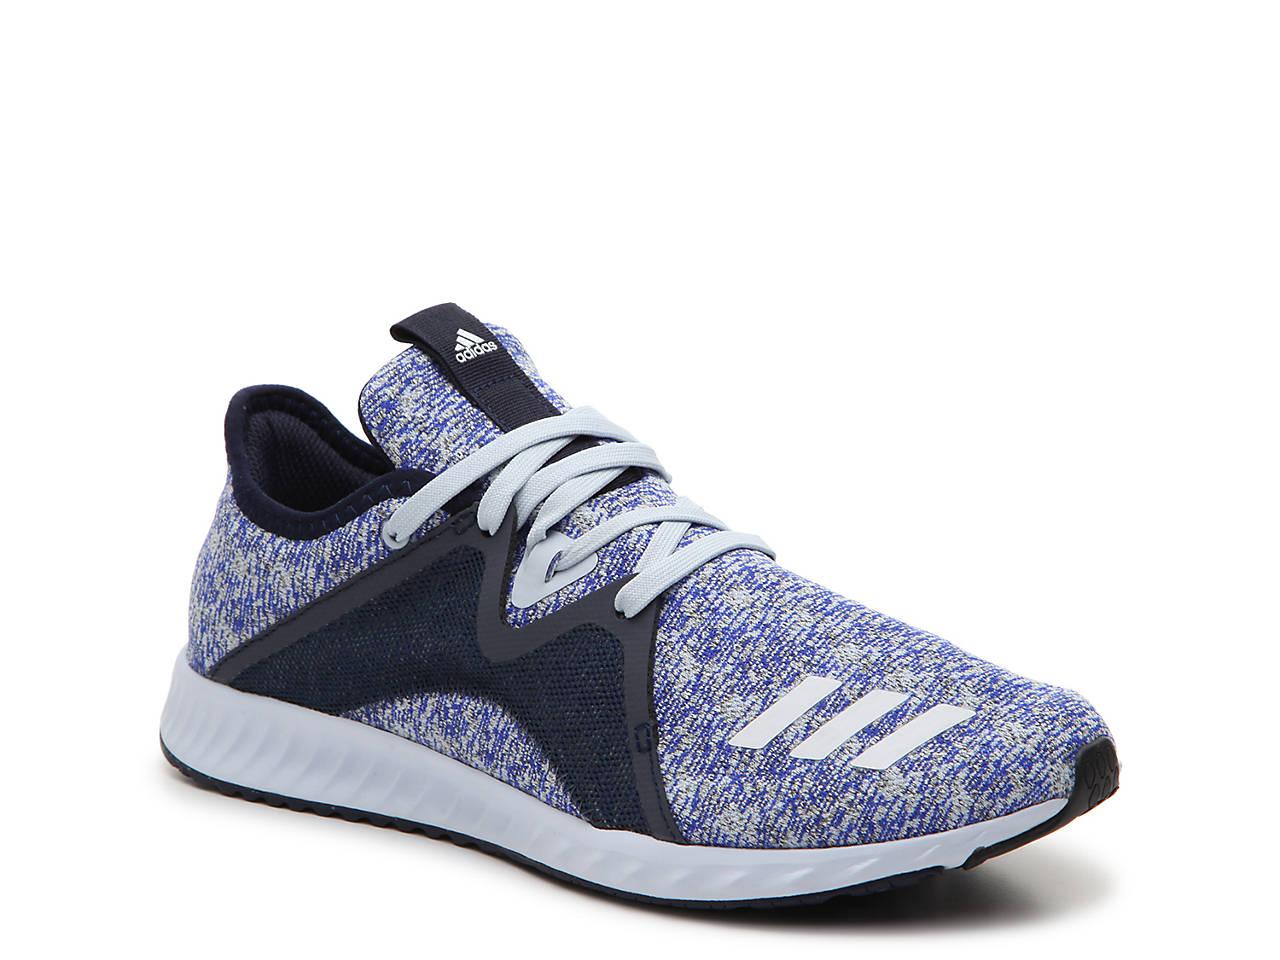 sale retailer add50 89f81 adidas. Edge Lux 2 Lightweight Running Shoe - Women s